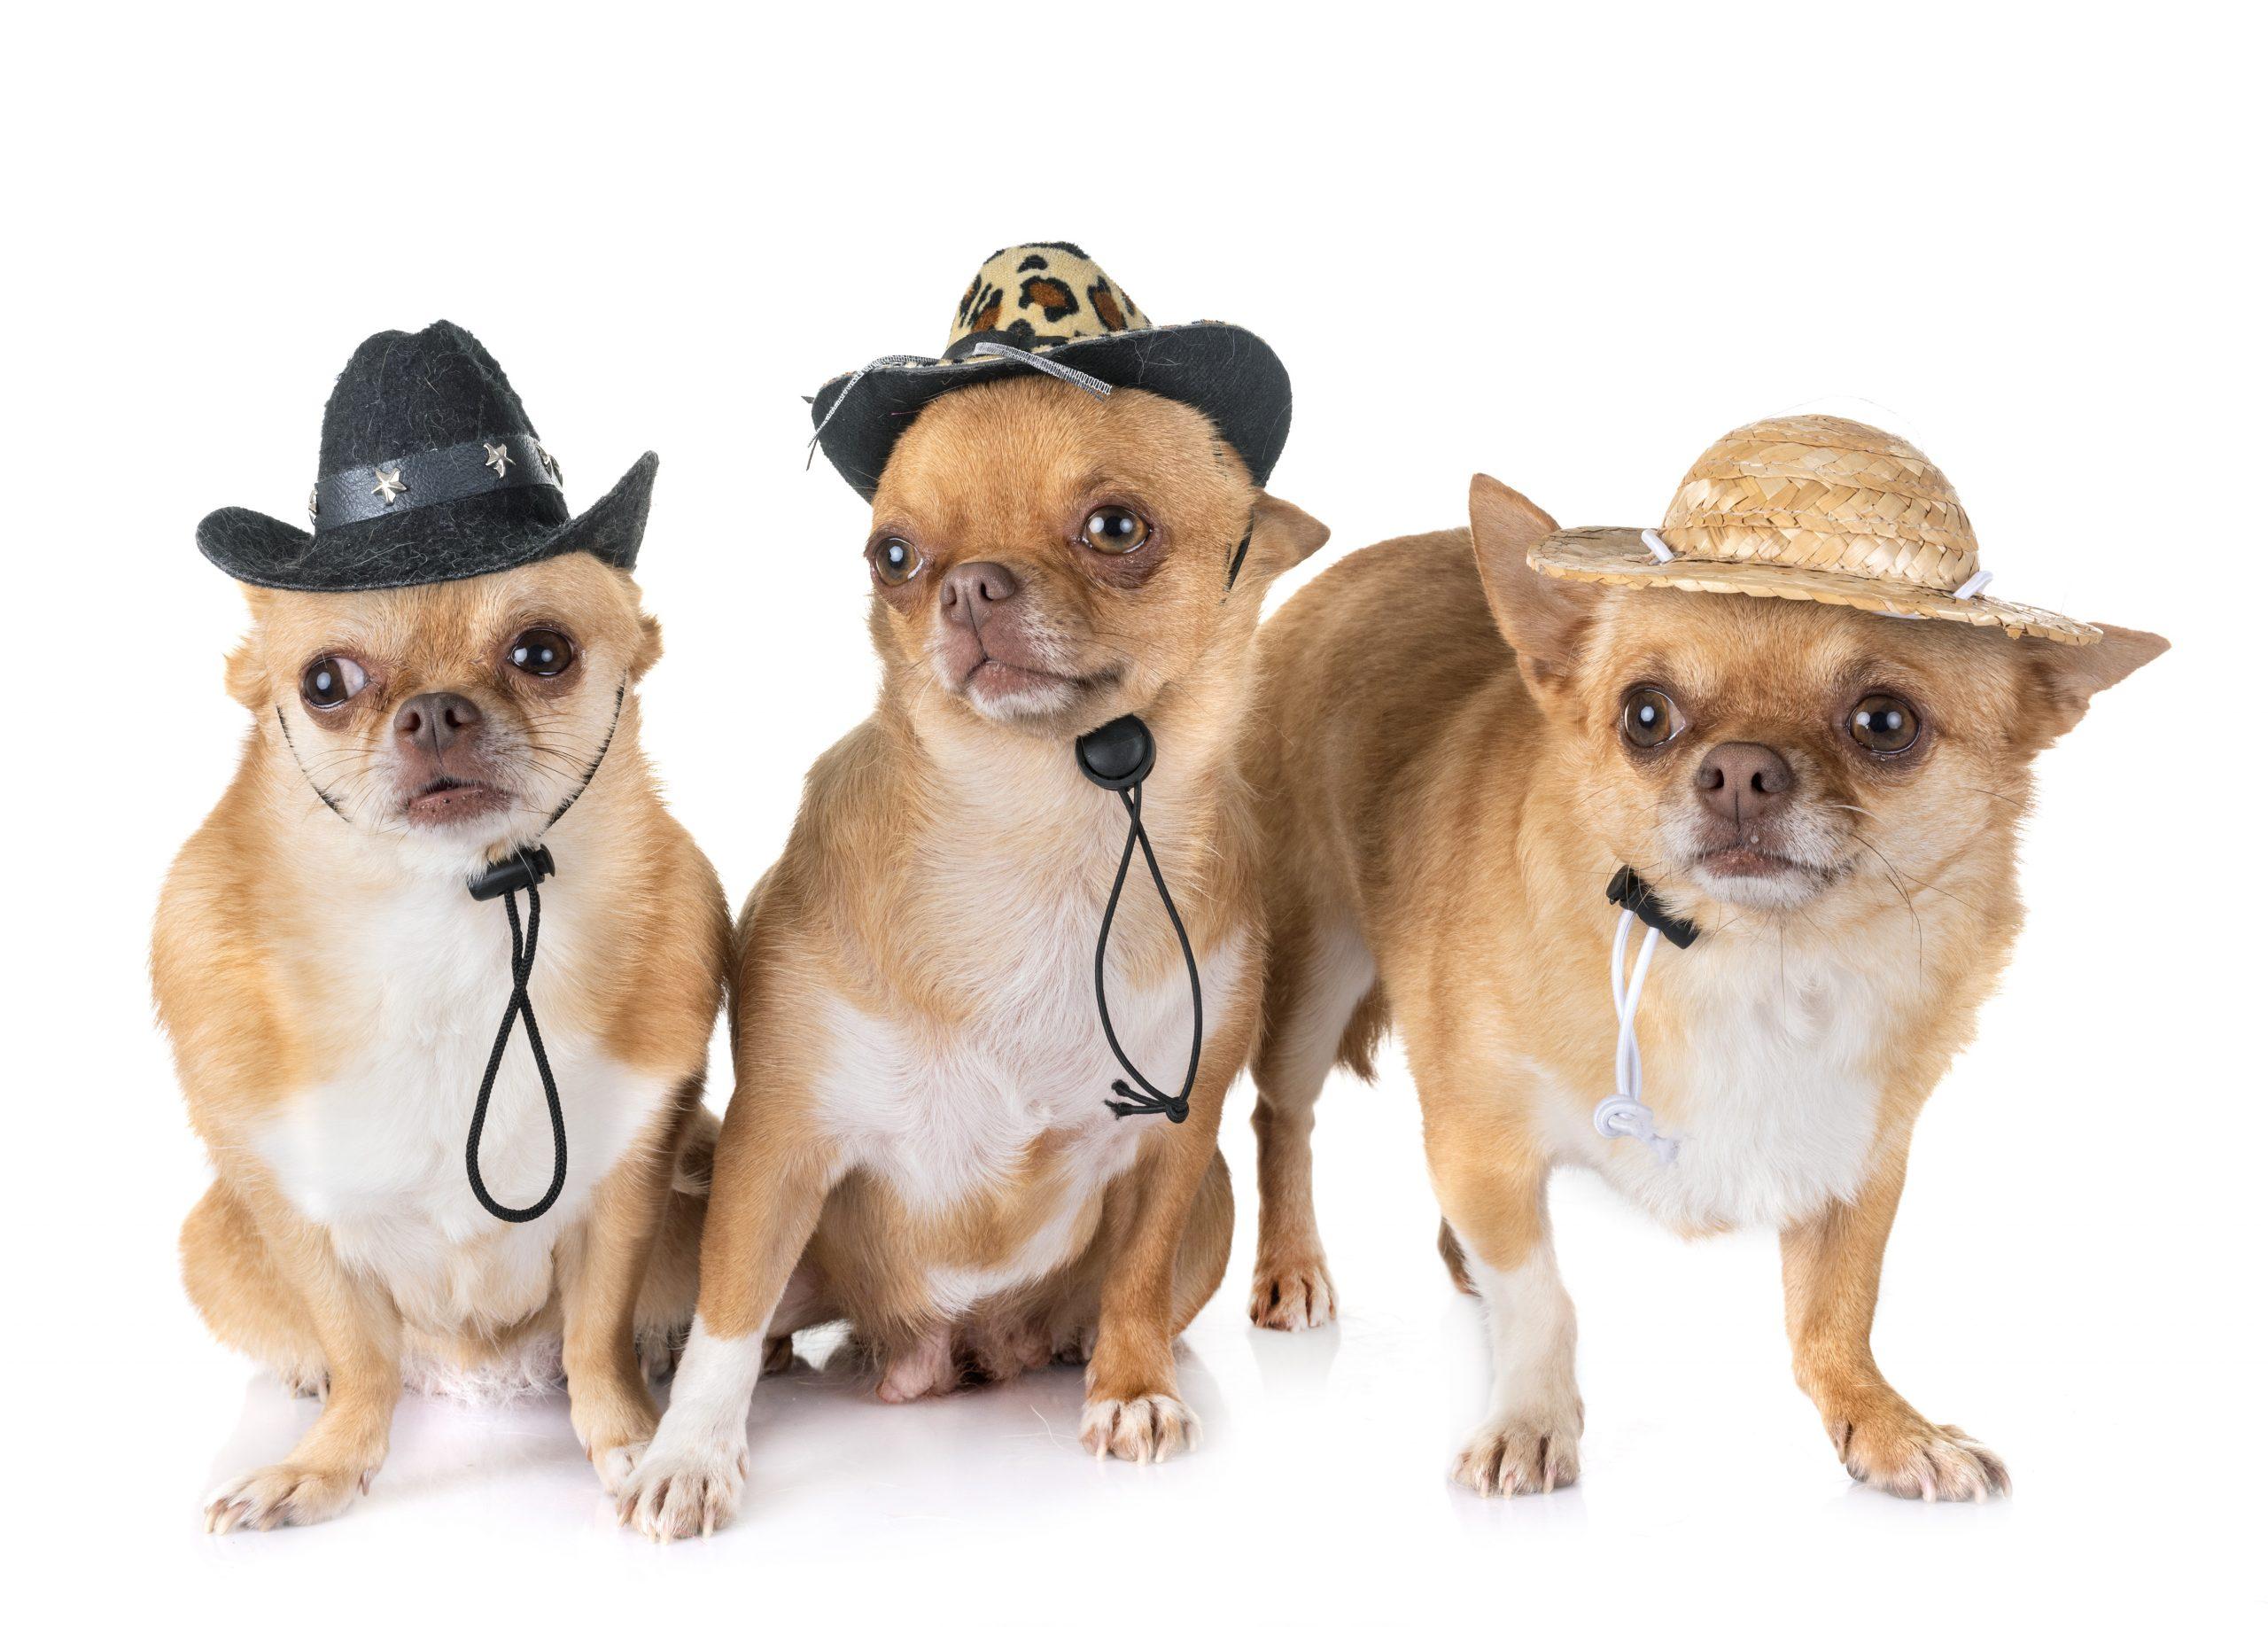 chihuahuas wearing cowboy hats